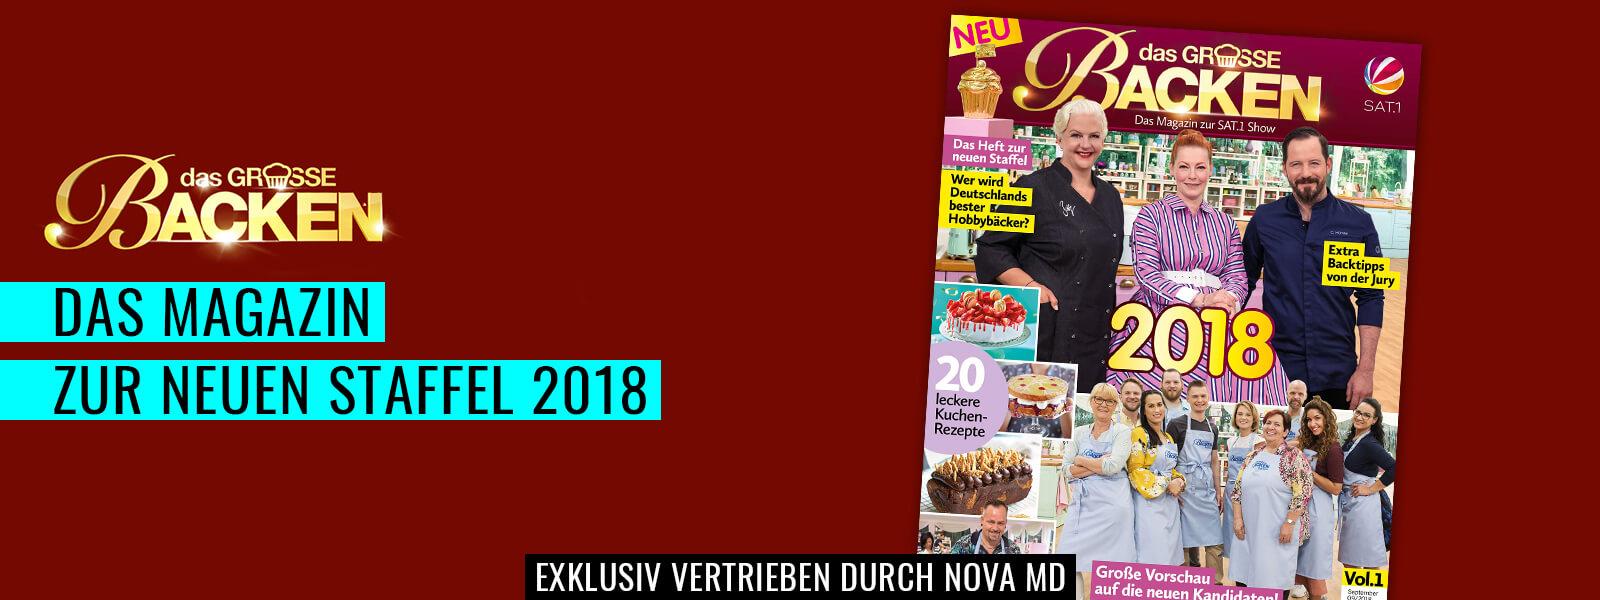 """Das Magazin """"das große Backen"""" zur Staffel 2018"""